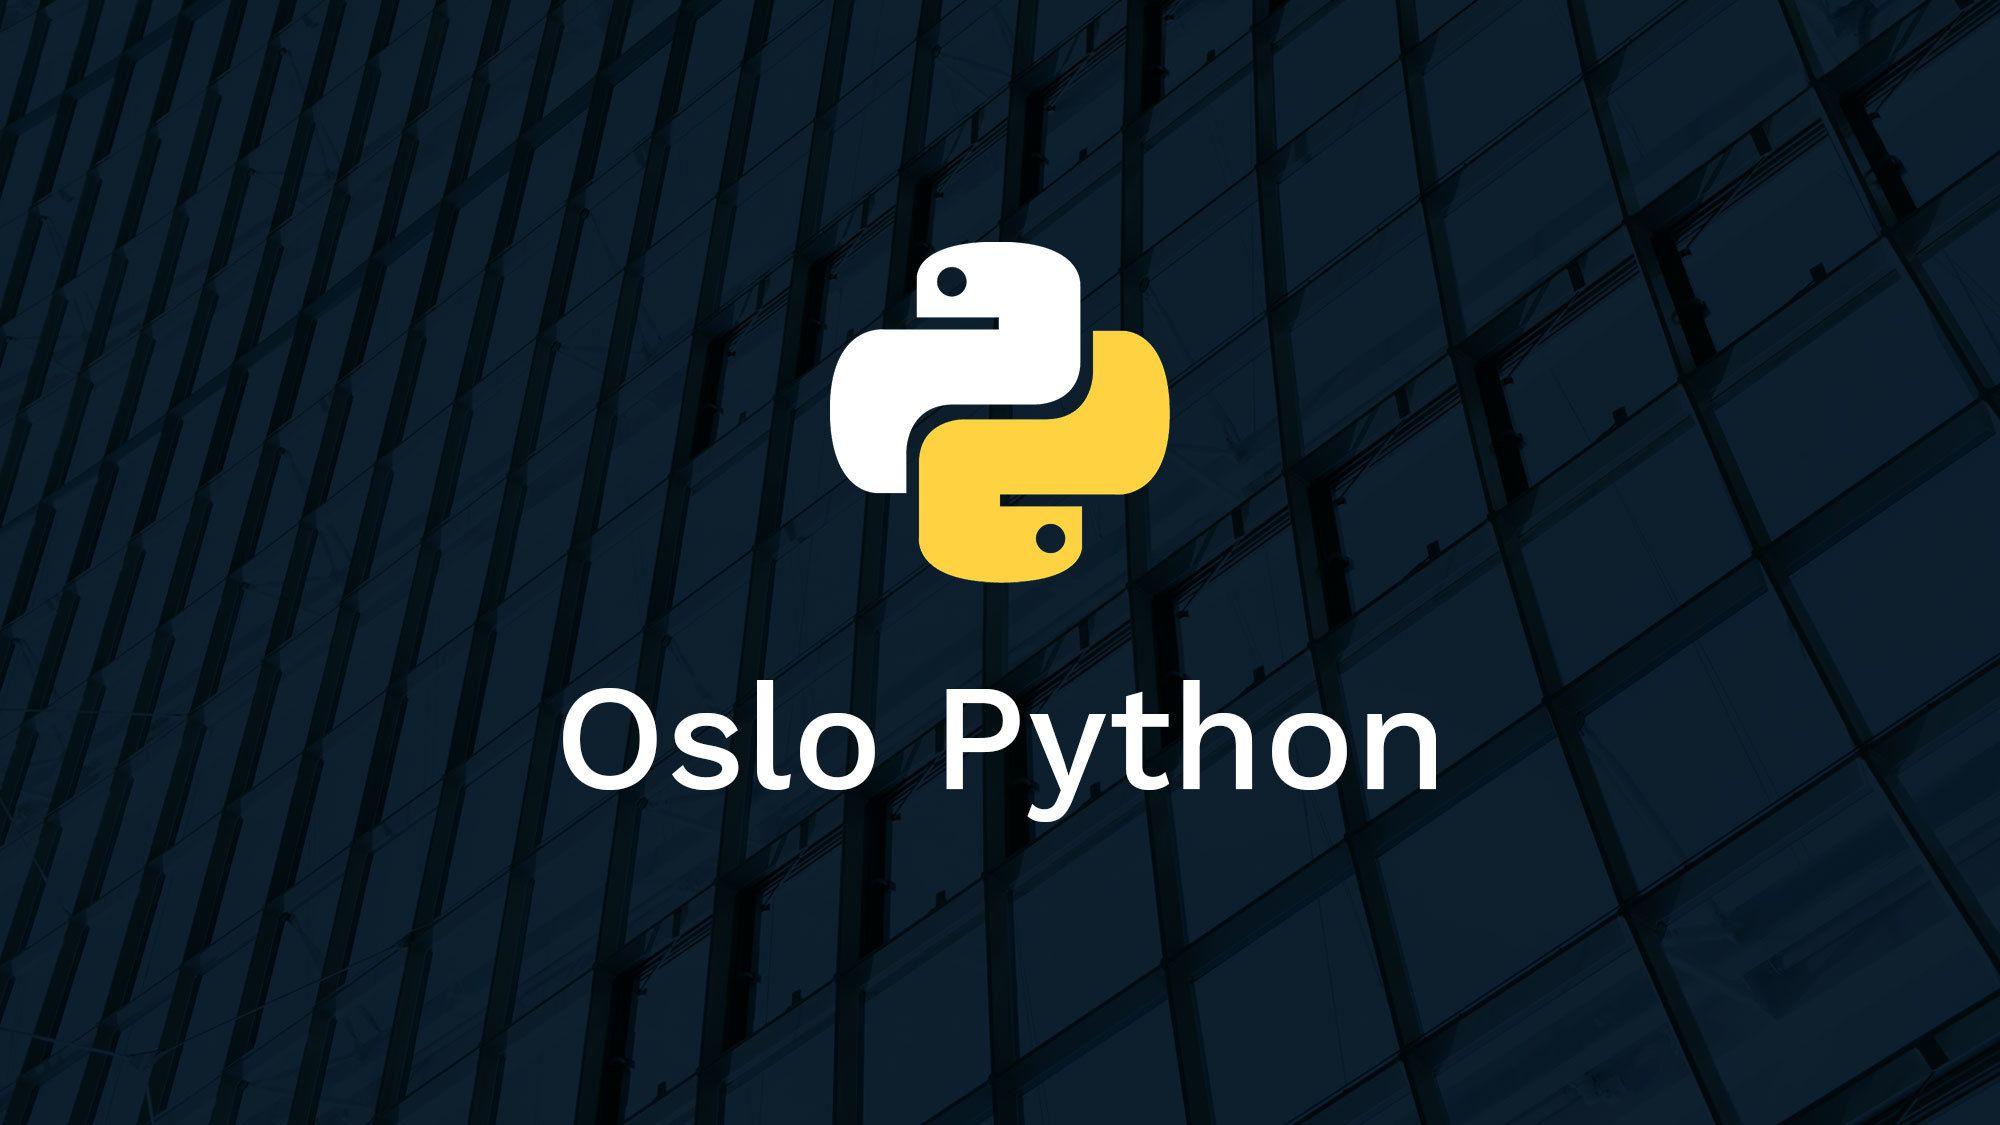 Oslo Python